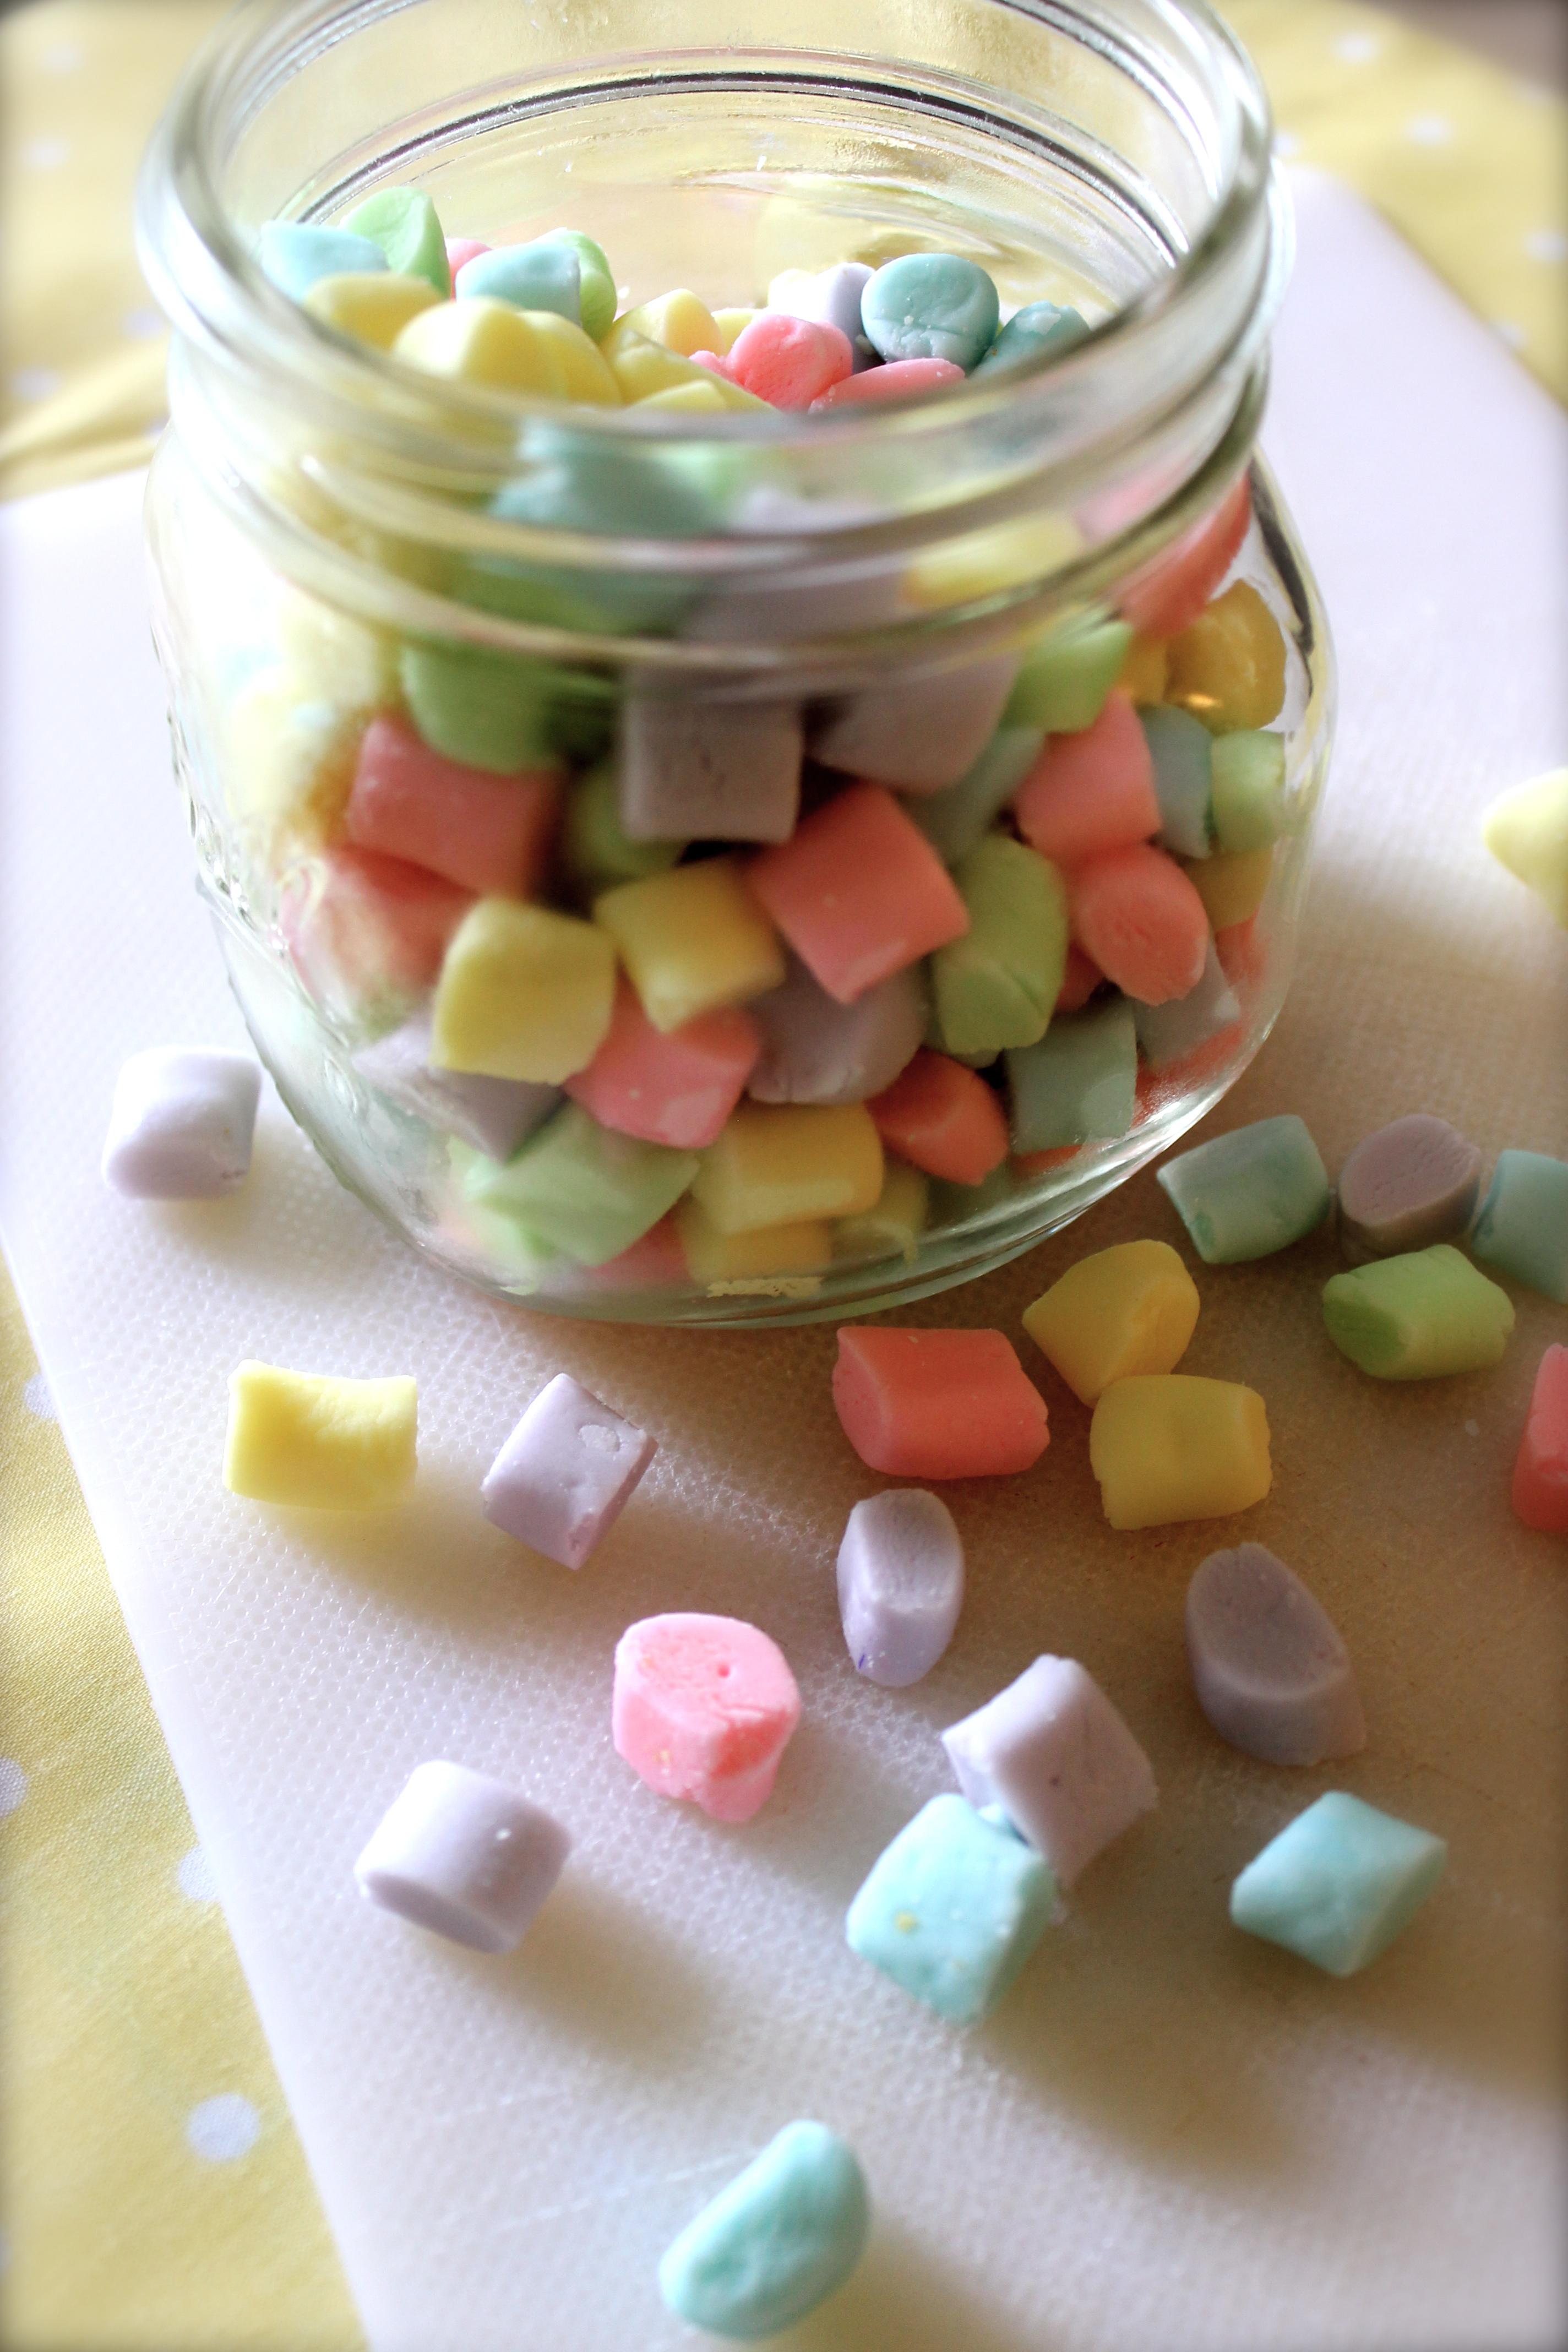 Homemade Butter Mints2848 x 4272 jpeg 3272kB